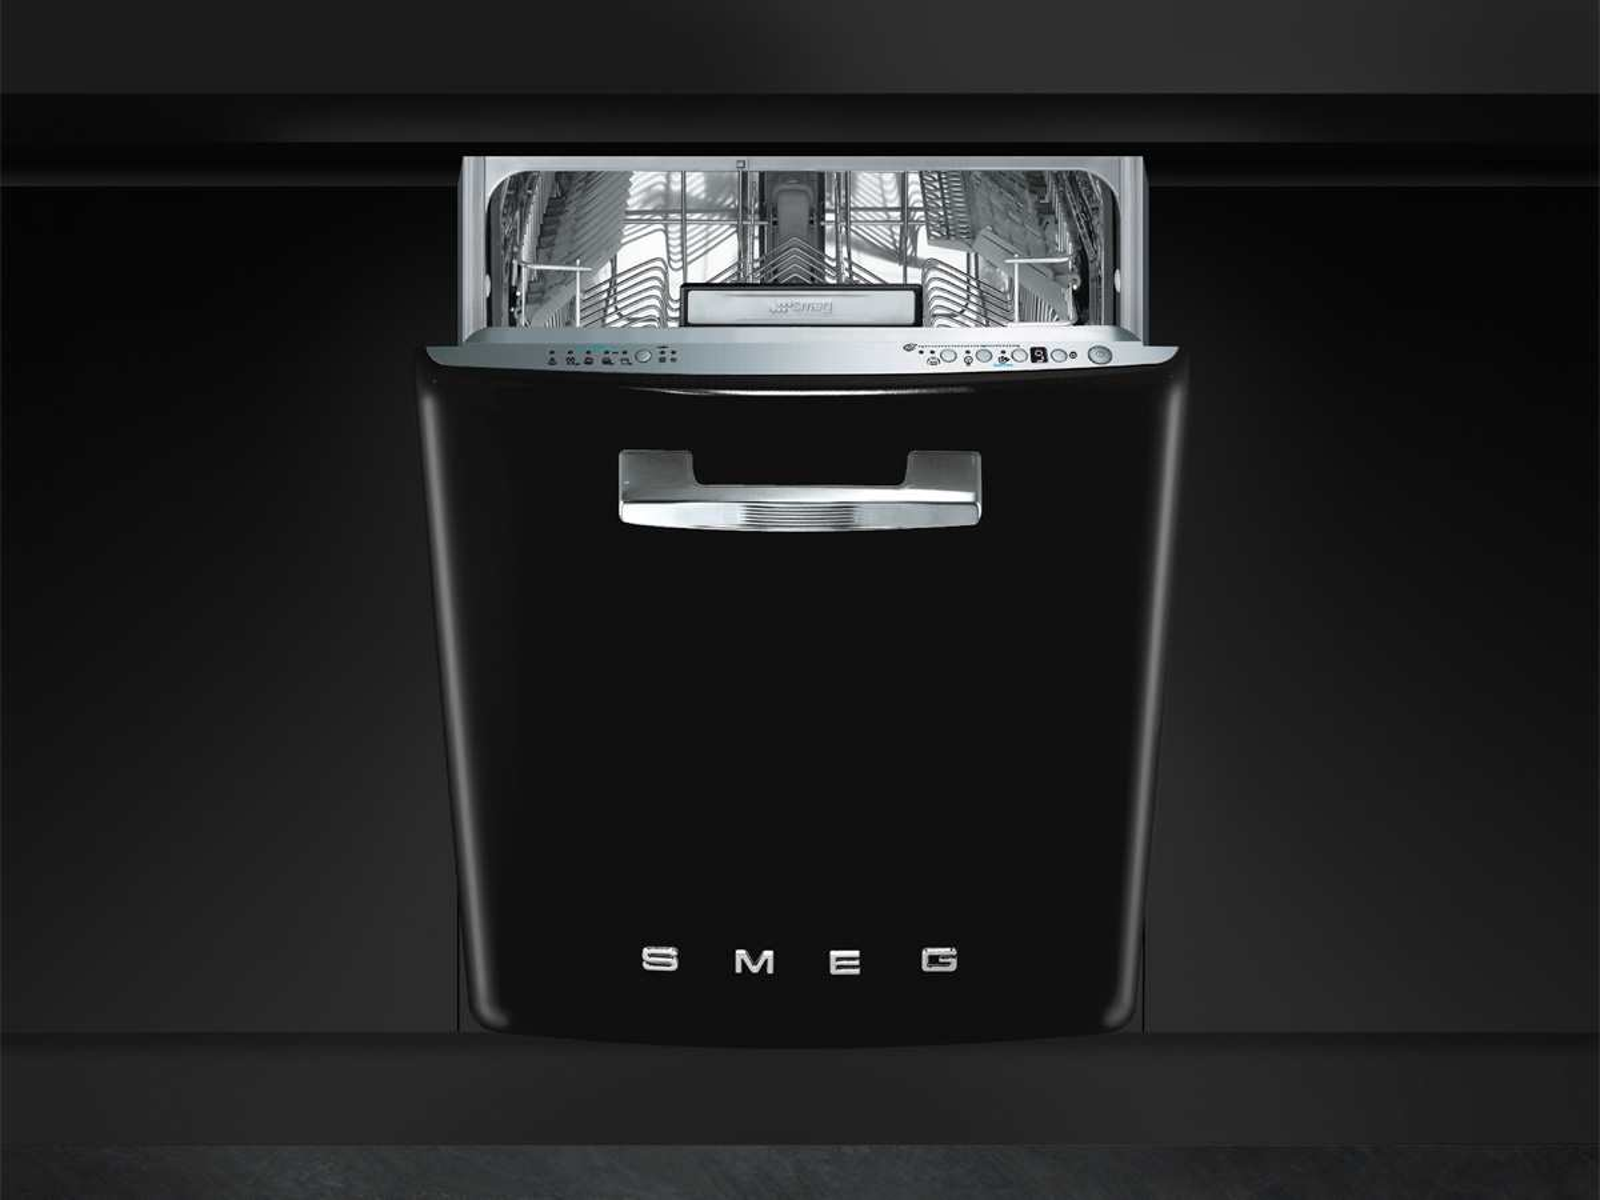 Kühlschrank Retro Unterbau : Retro geschirrspüler smeg st fabbl unterbau geschirrspüler